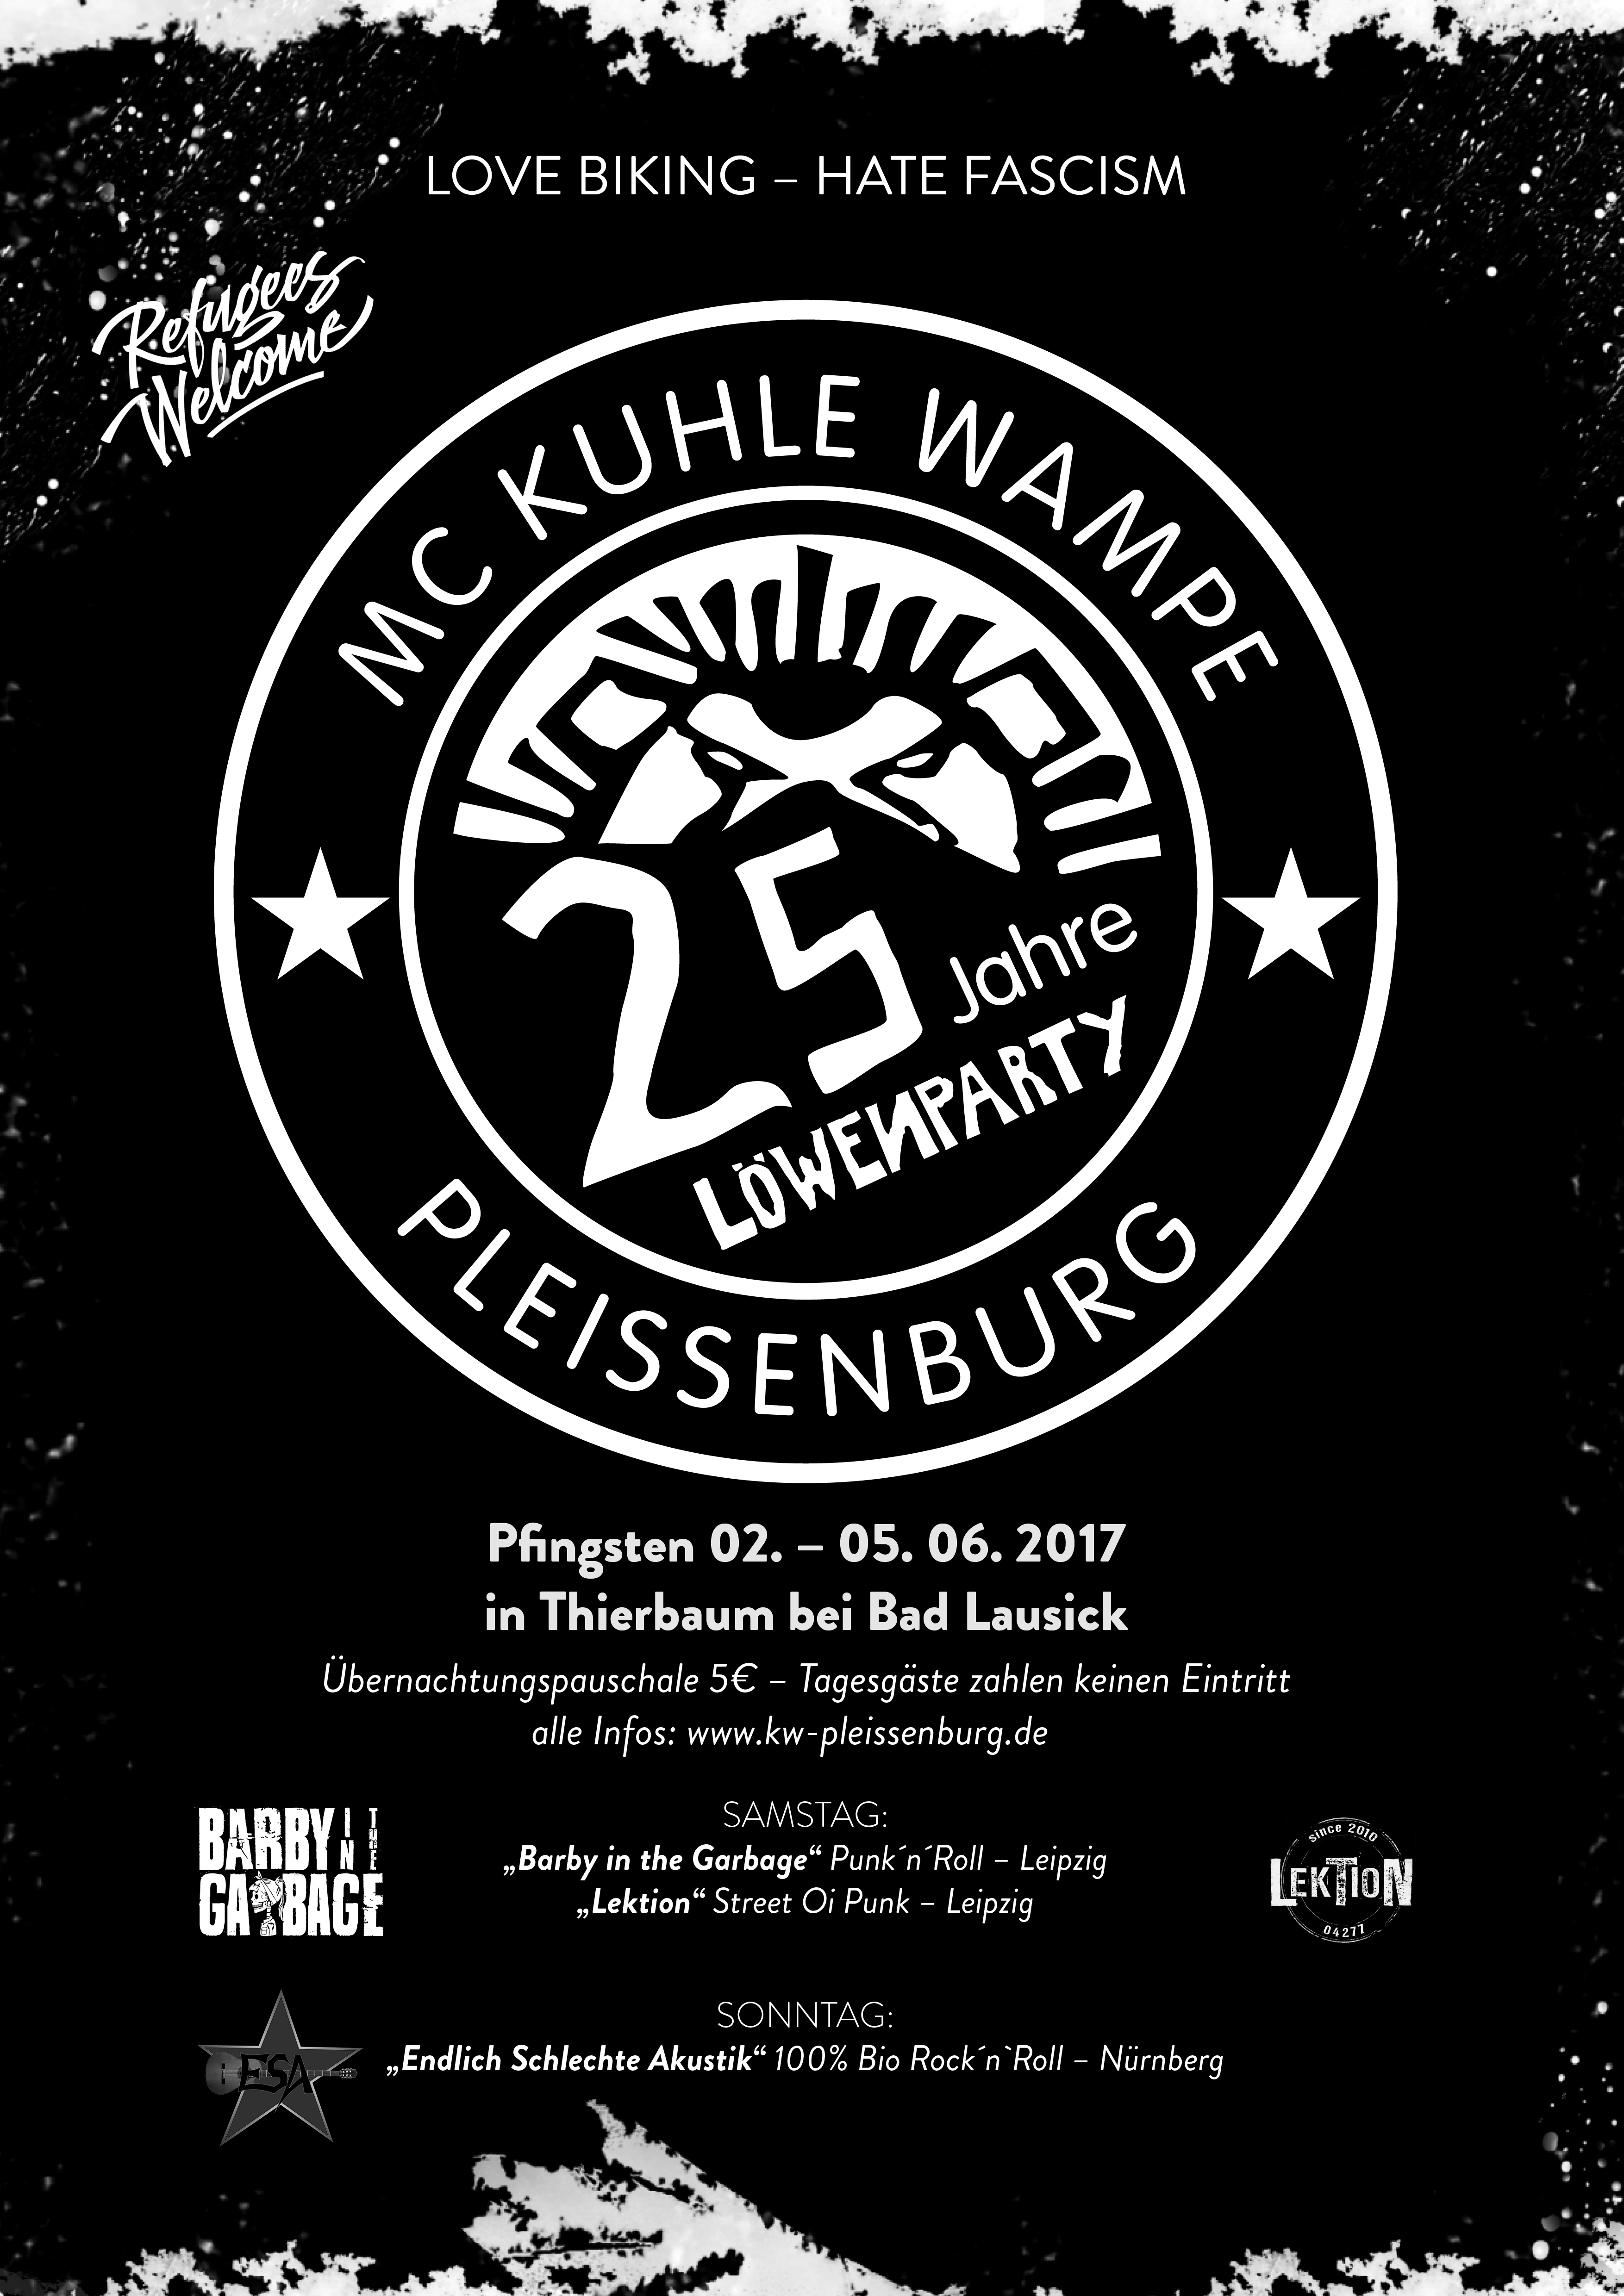 Löwenparty des MC Kuhle Wampe Pleissenburg @ Thierbaum | Bad Lausick | Sachsen | Deutschland